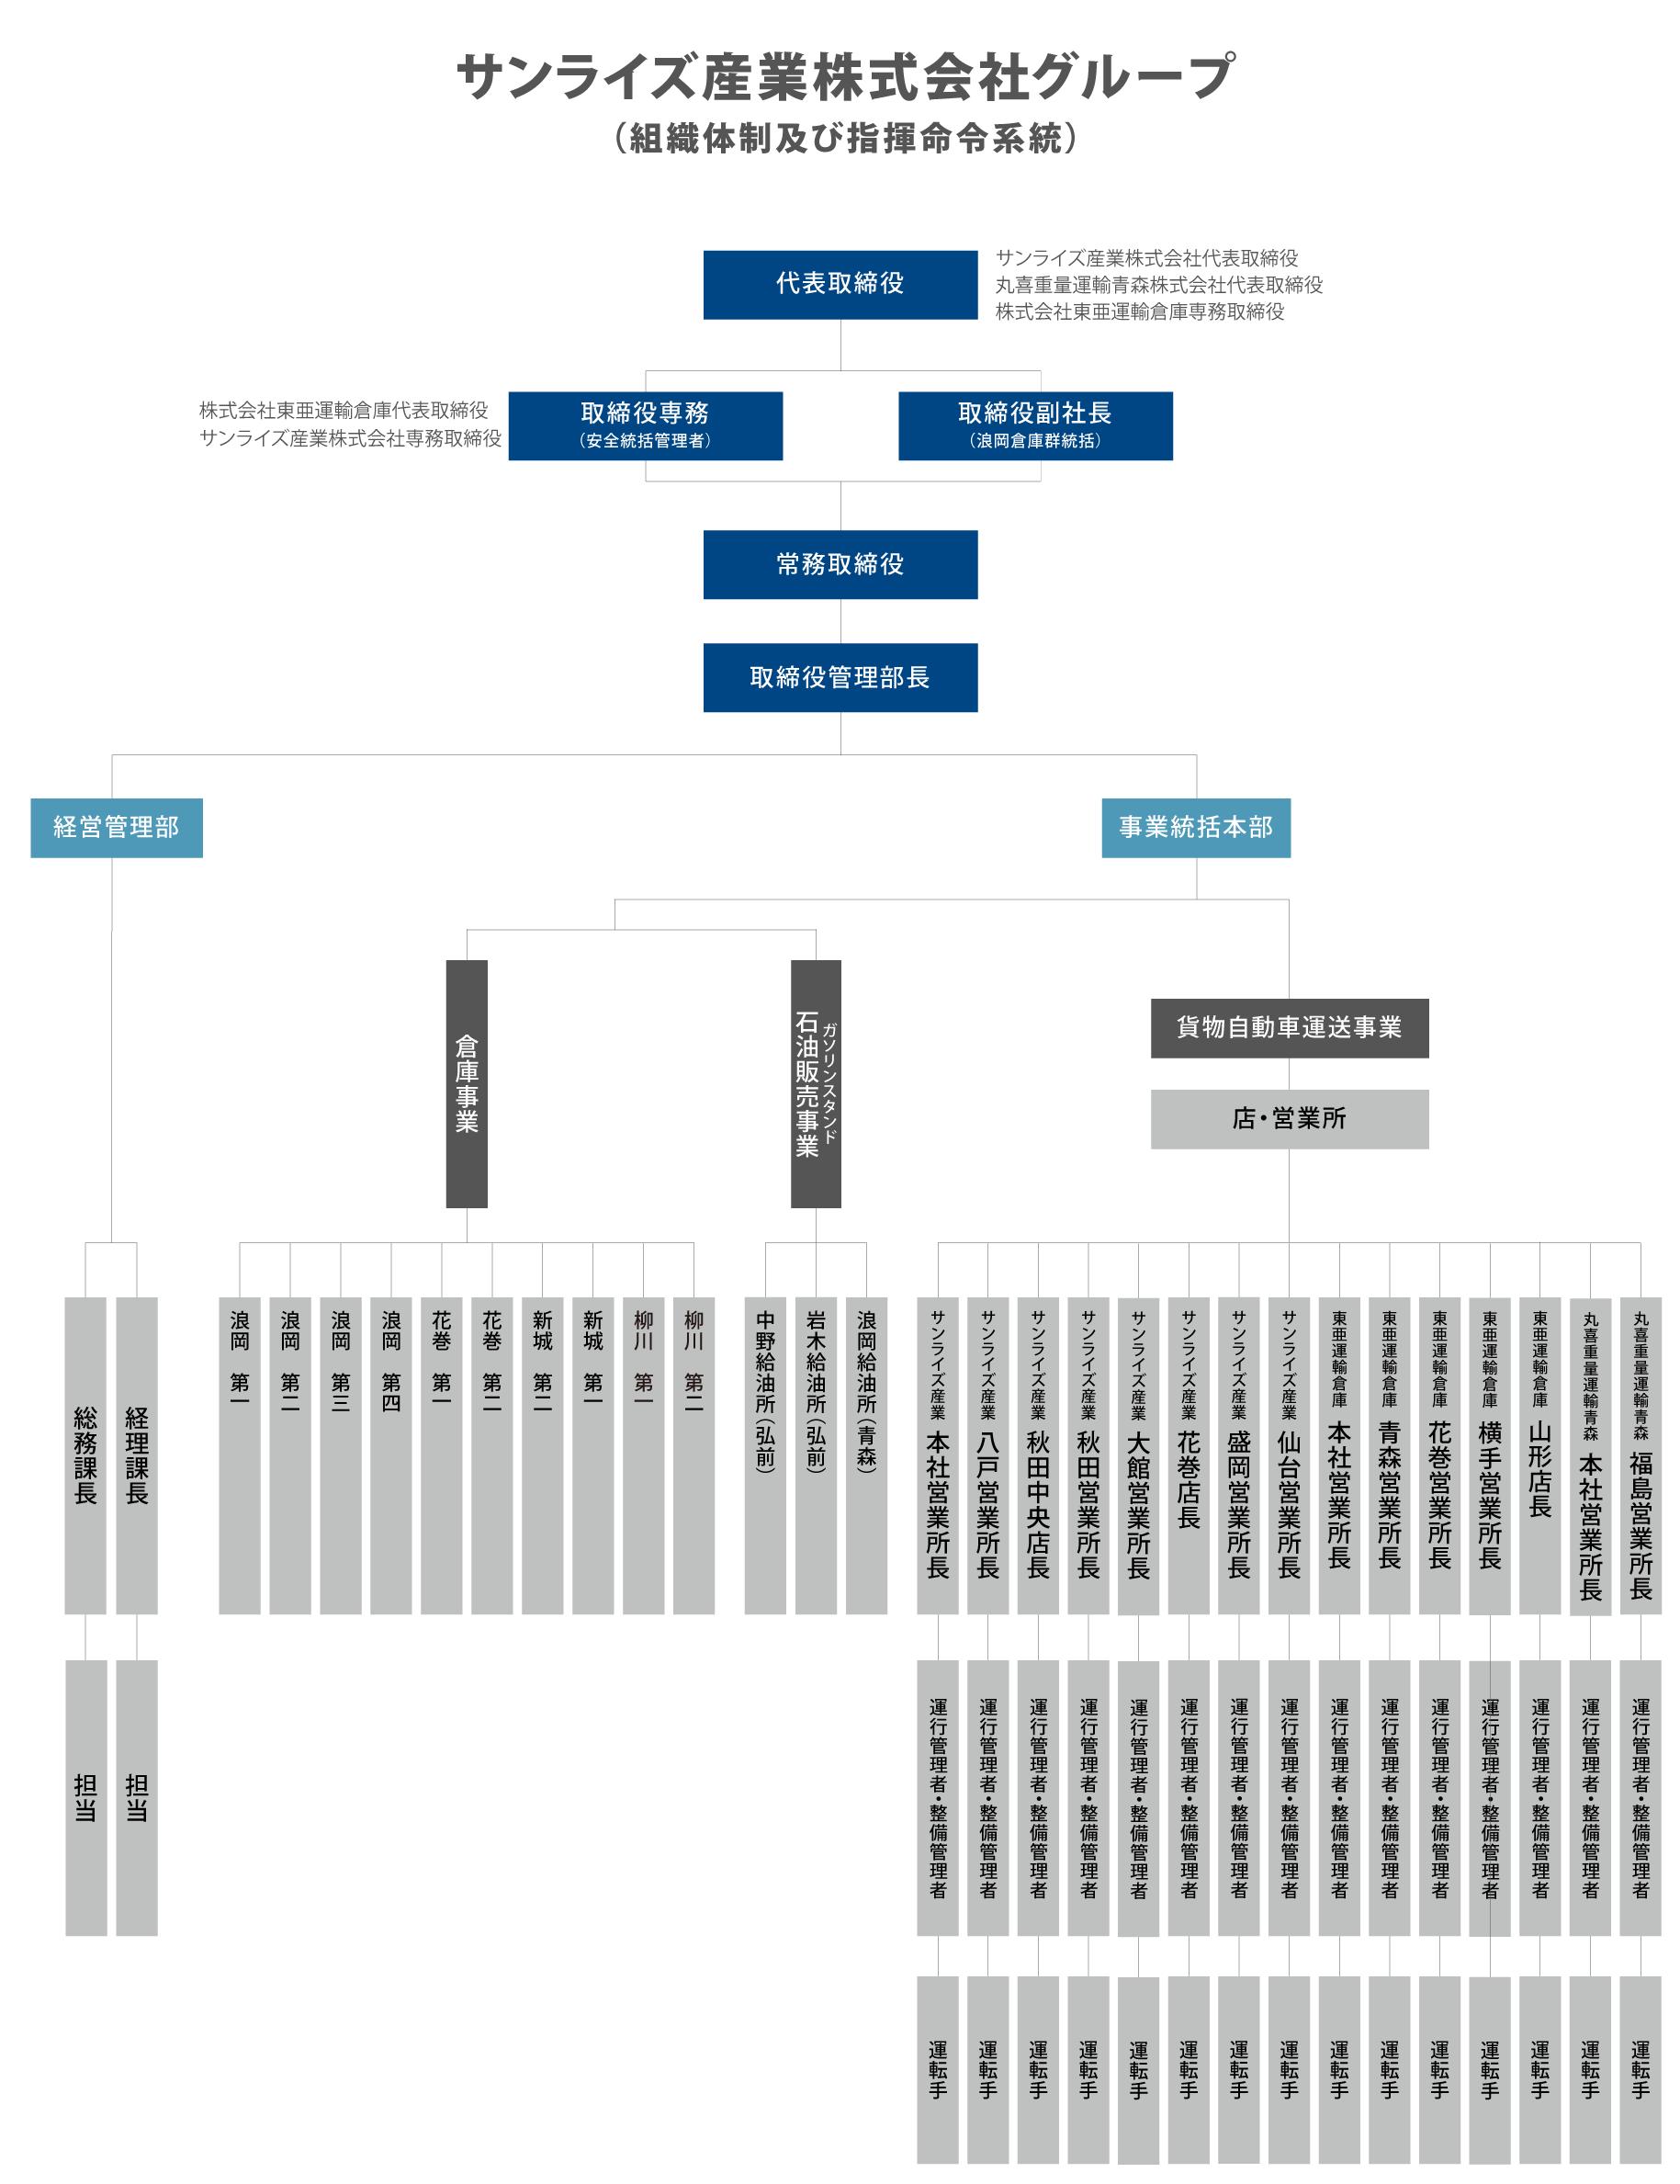 輸送の安全に関する組織体制及び指揮命令系統